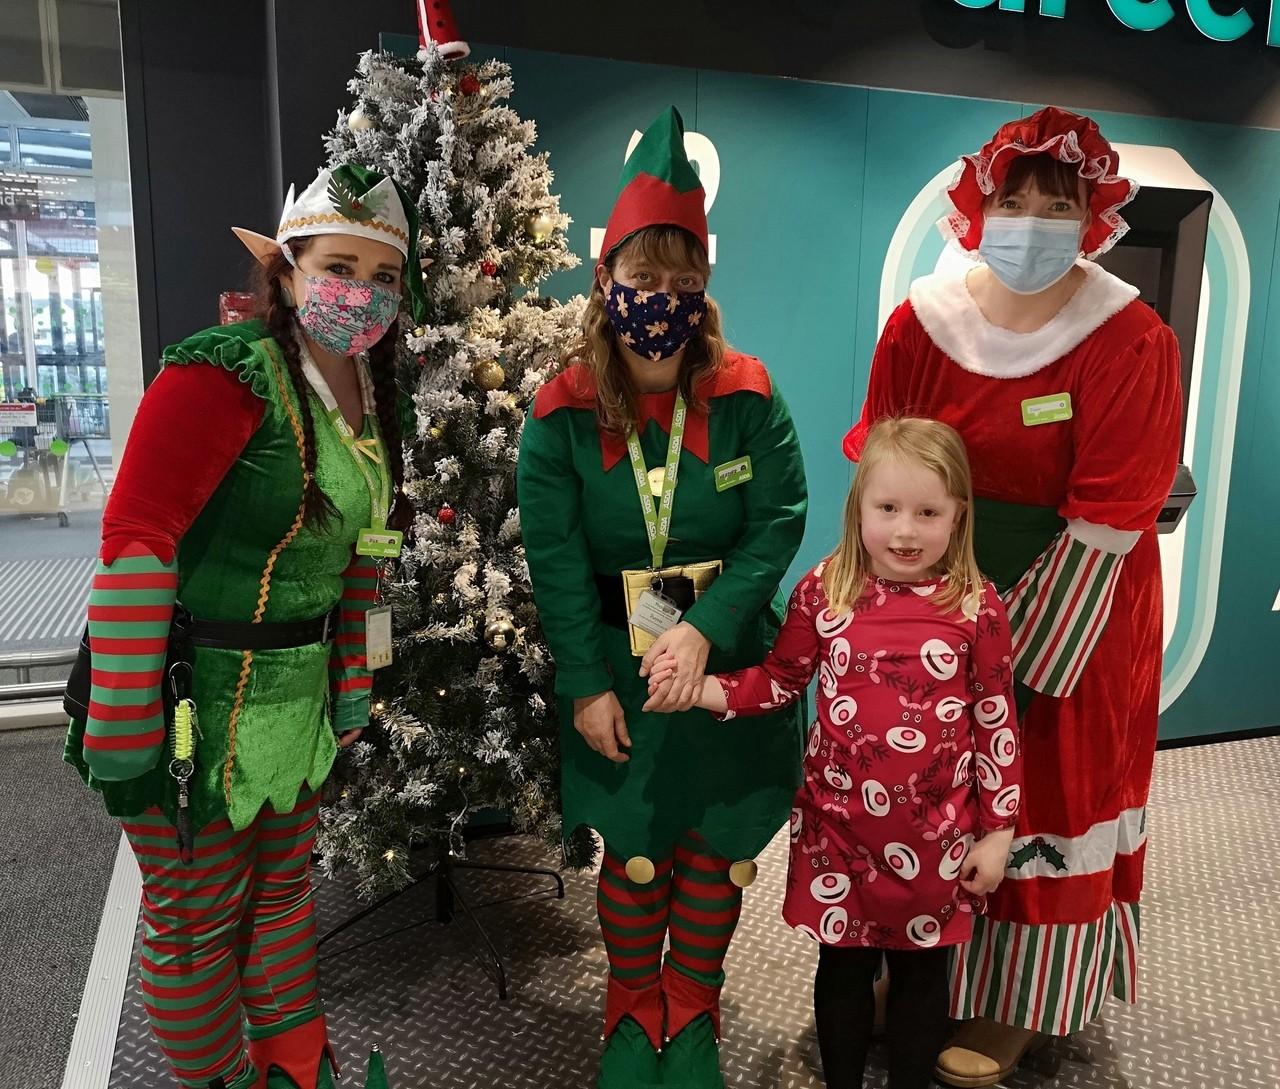 Santa's helpers | Asda Elgin